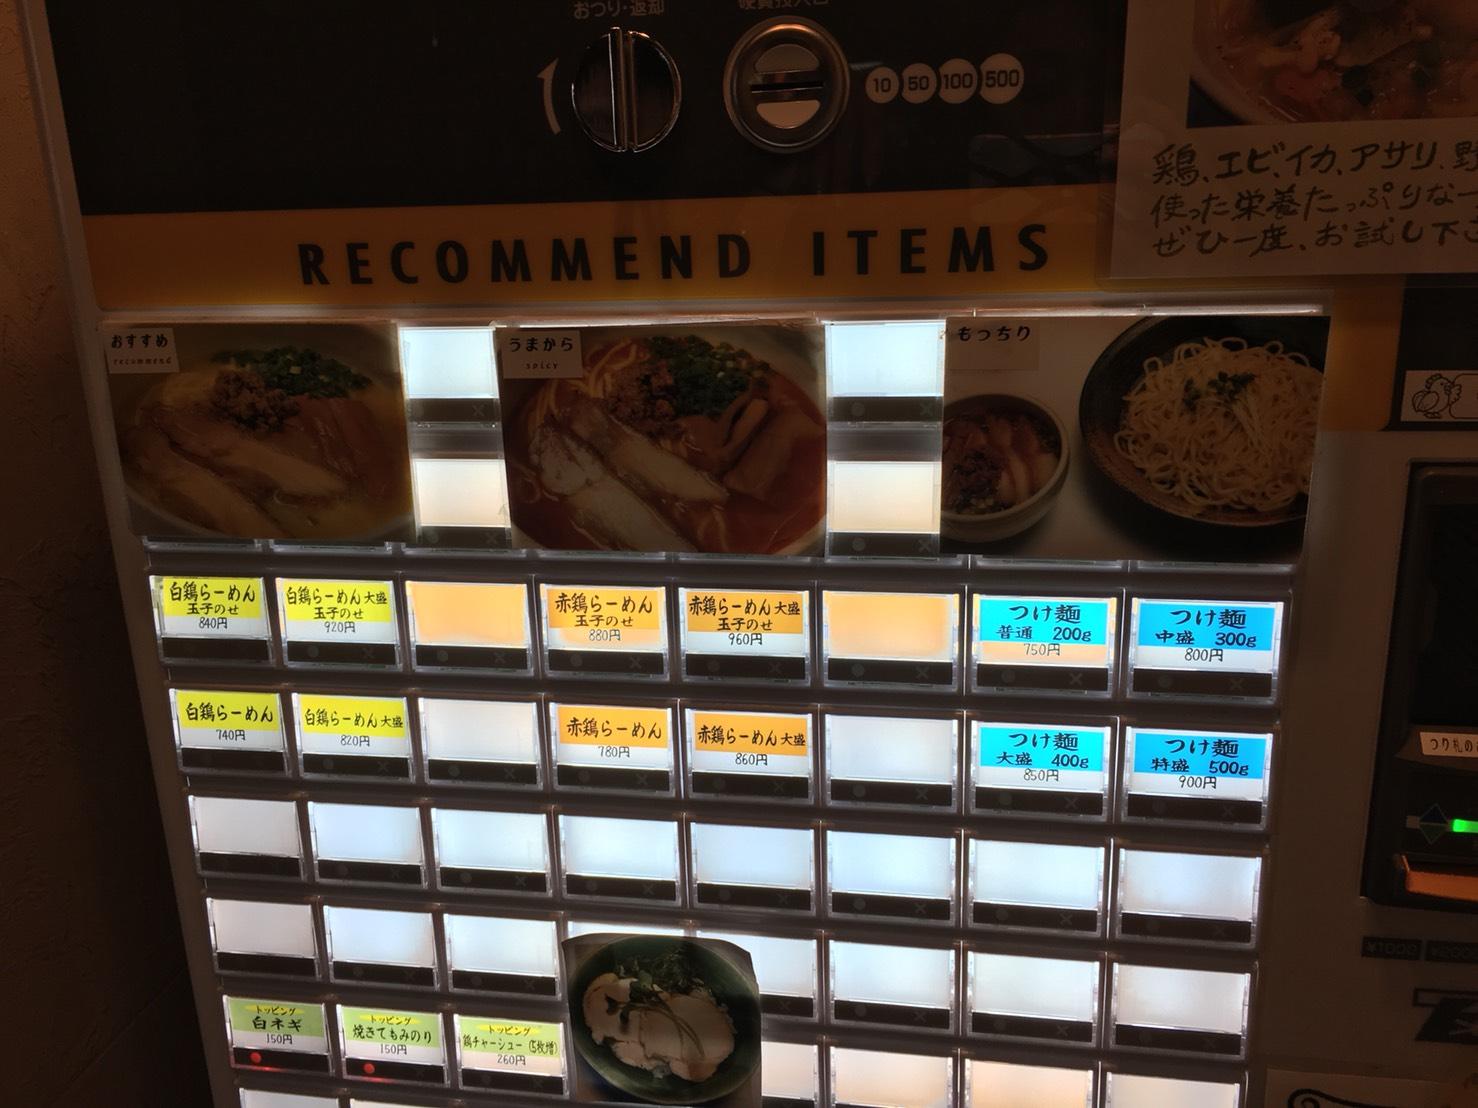 池袋で人気の濃厚鶏白湯ラーメン「鶏の穴」の食券機